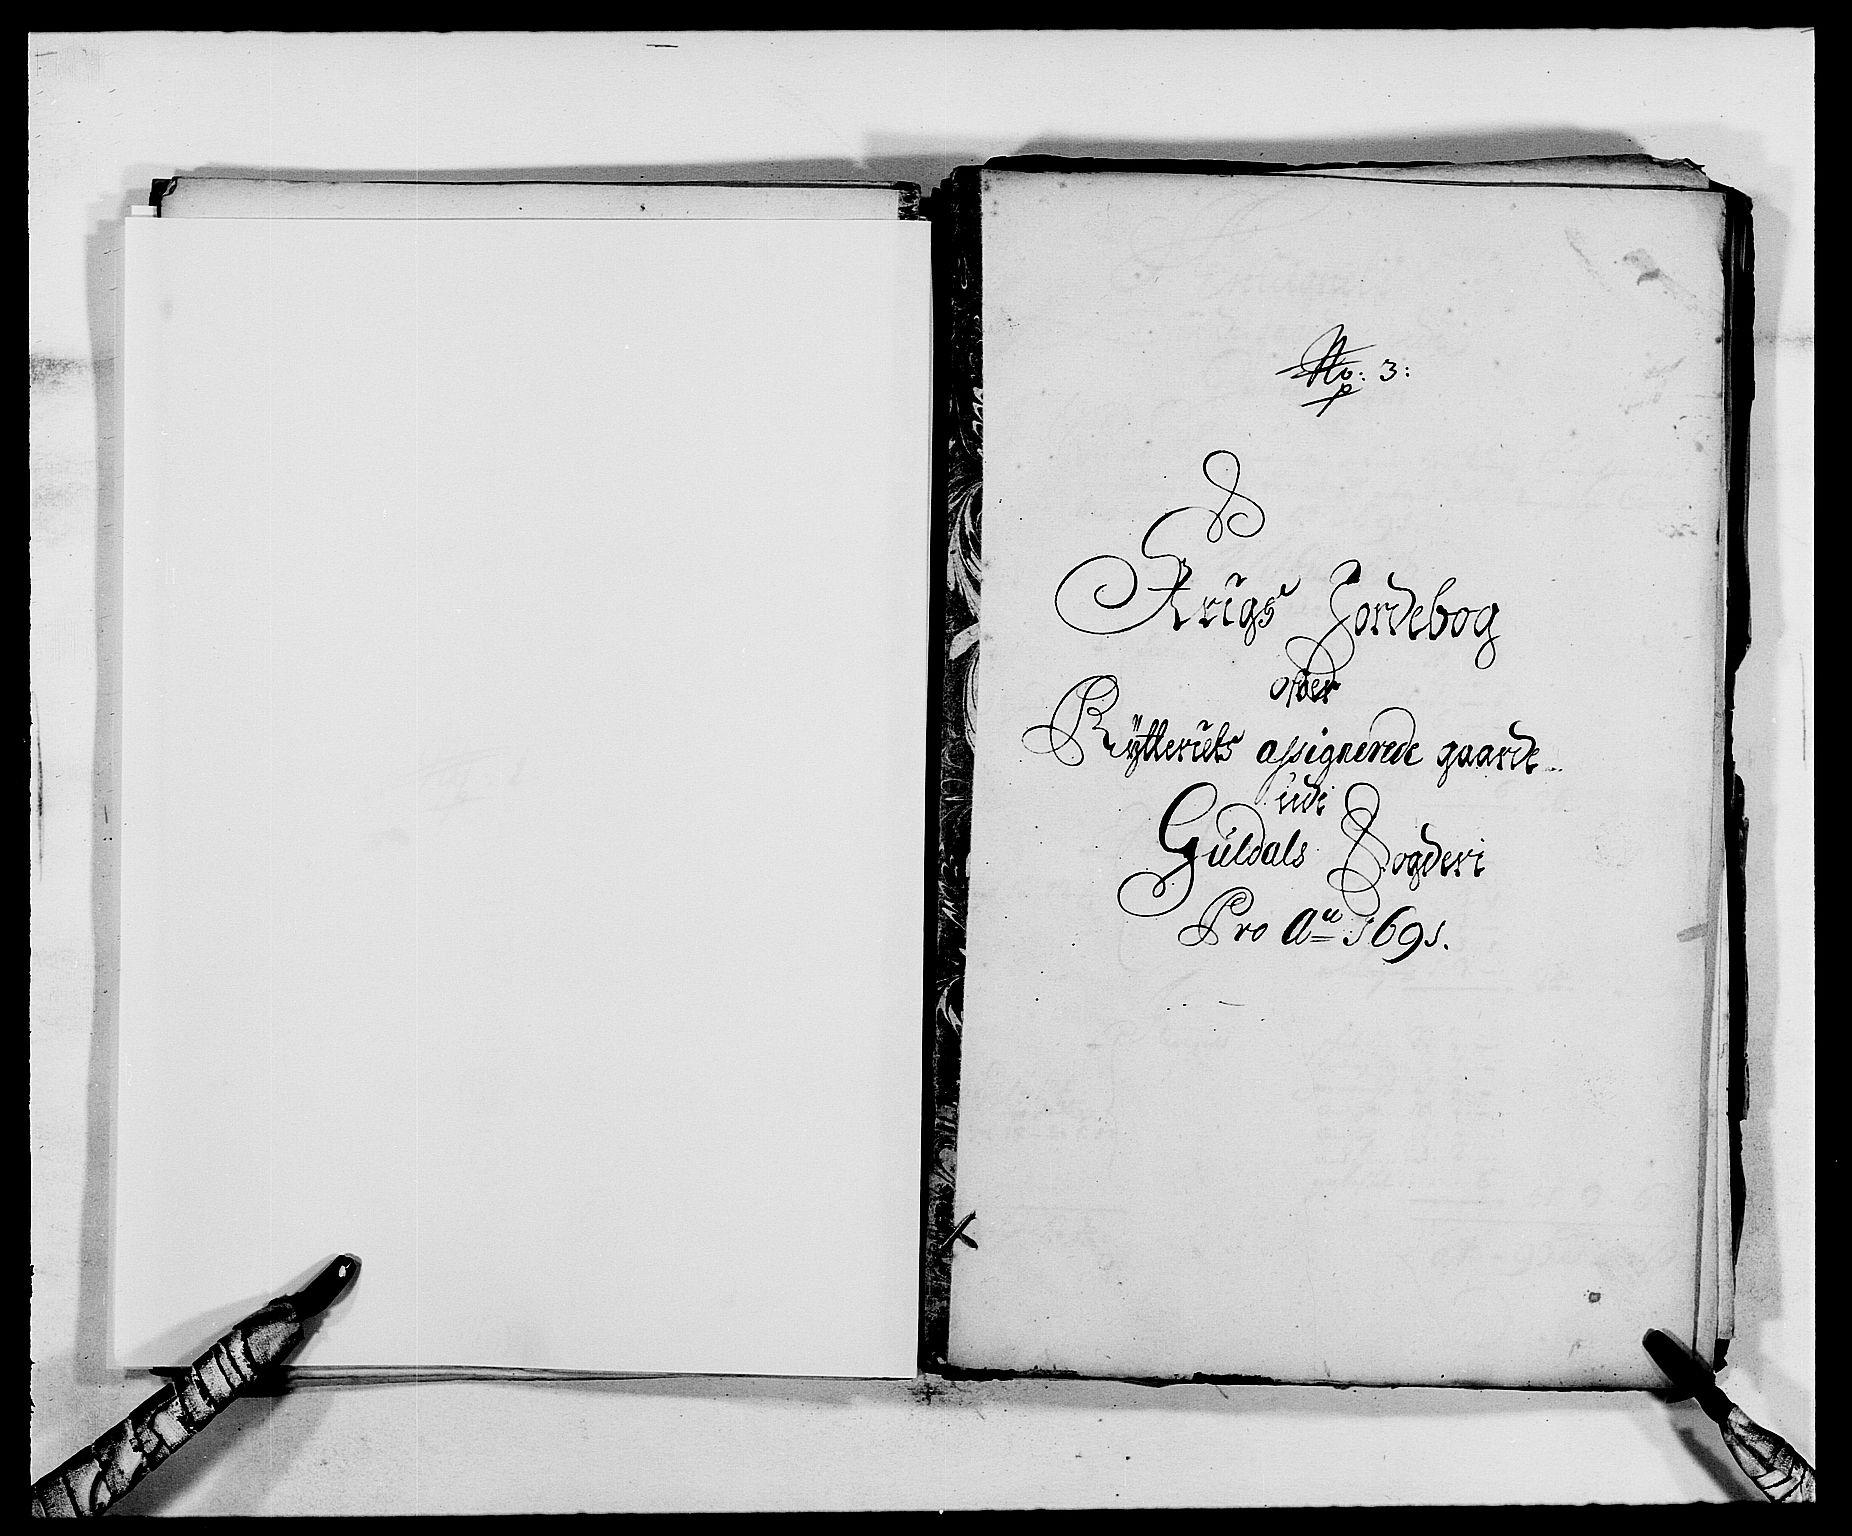 RA, Rentekammeret inntil 1814, Reviderte regnskaper, Fogderegnskap, R59/L3941: Fogderegnskap Gauldal, 1691, s. 180